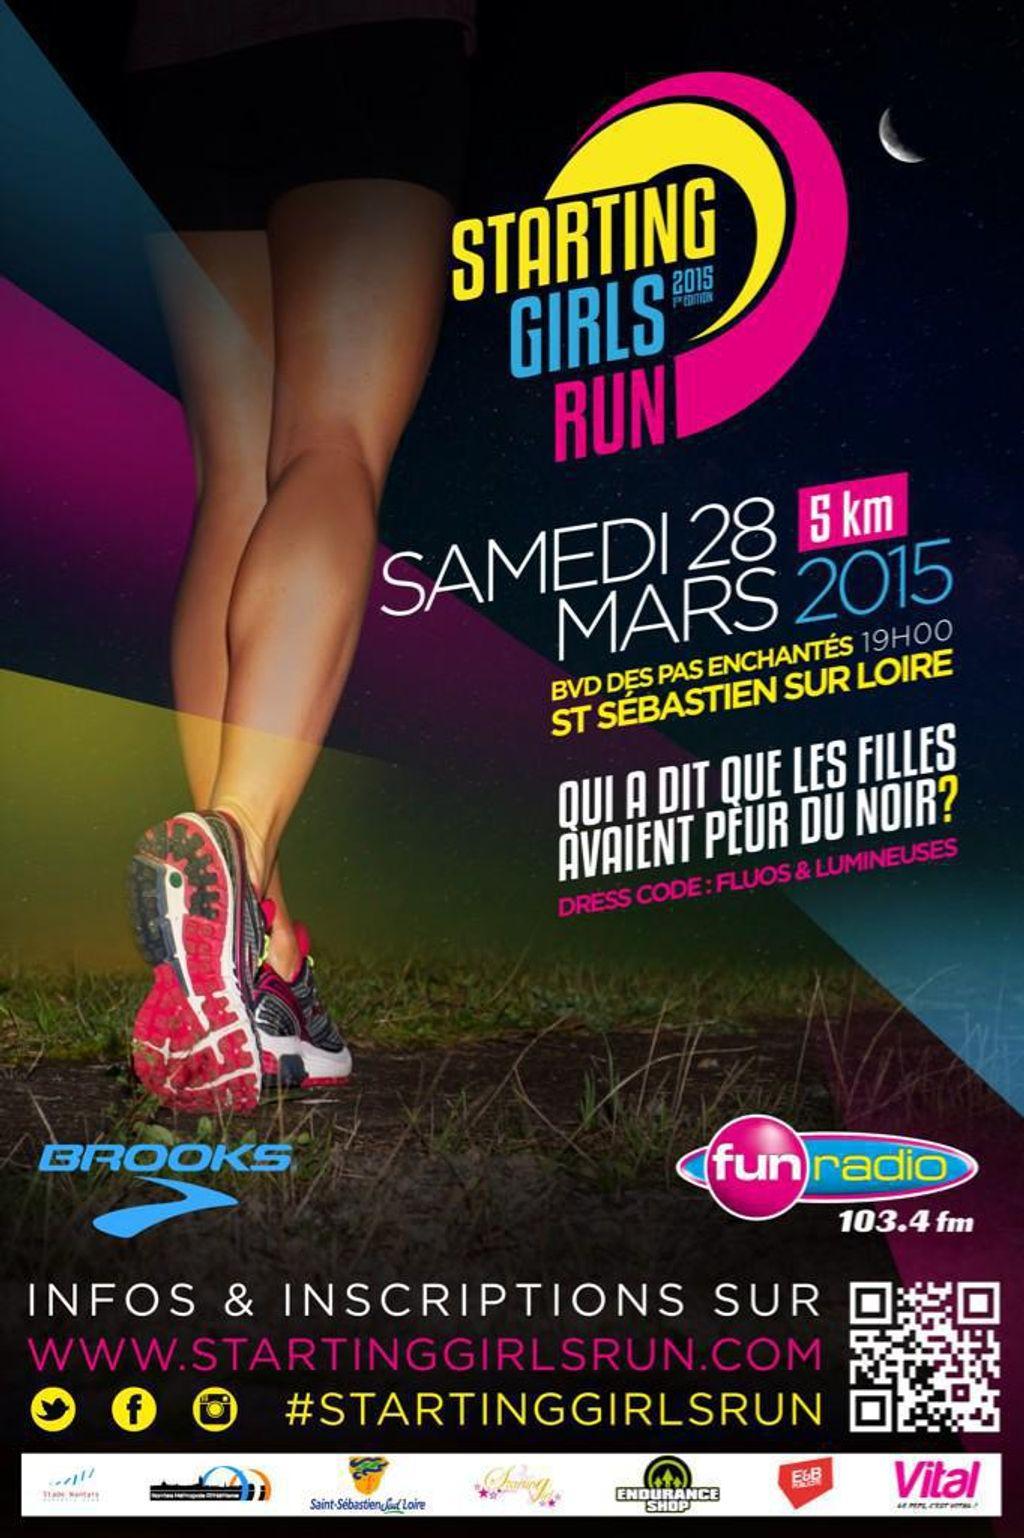 2 courses fun et accessibles à tous à faire en Loire-Atlantique